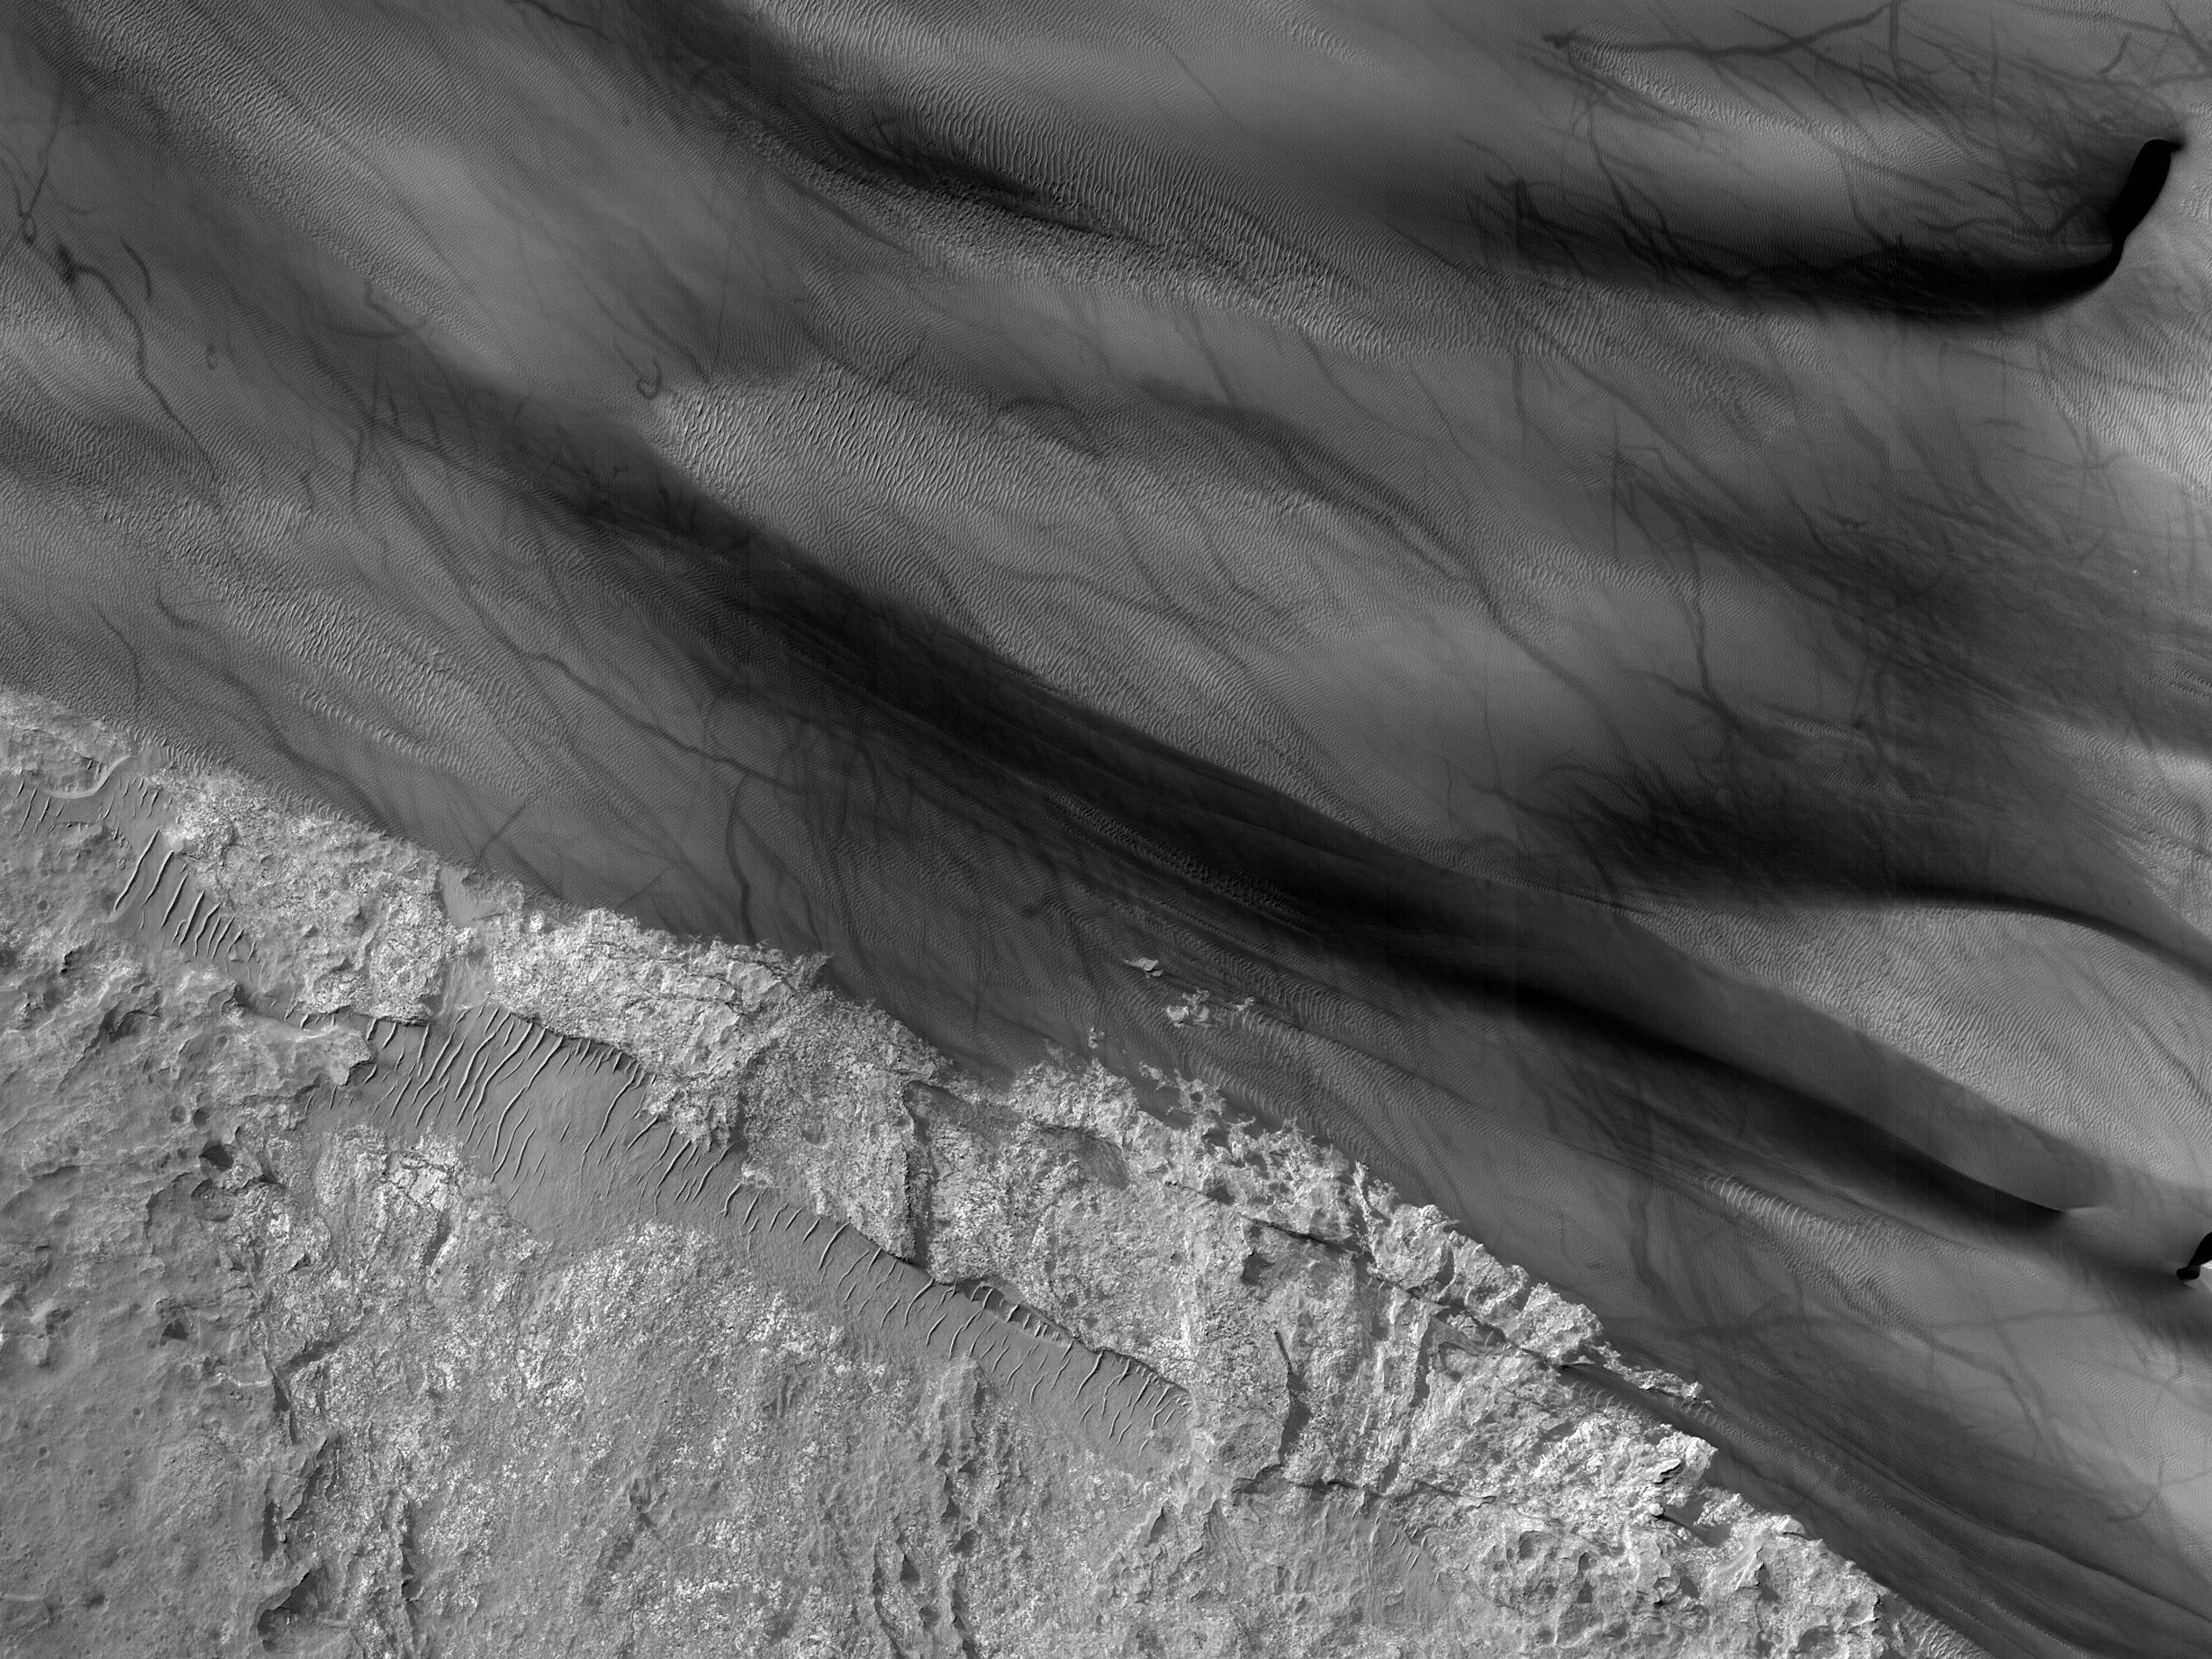 Eroziune în suprafață a rocii până la stadiul de nisip